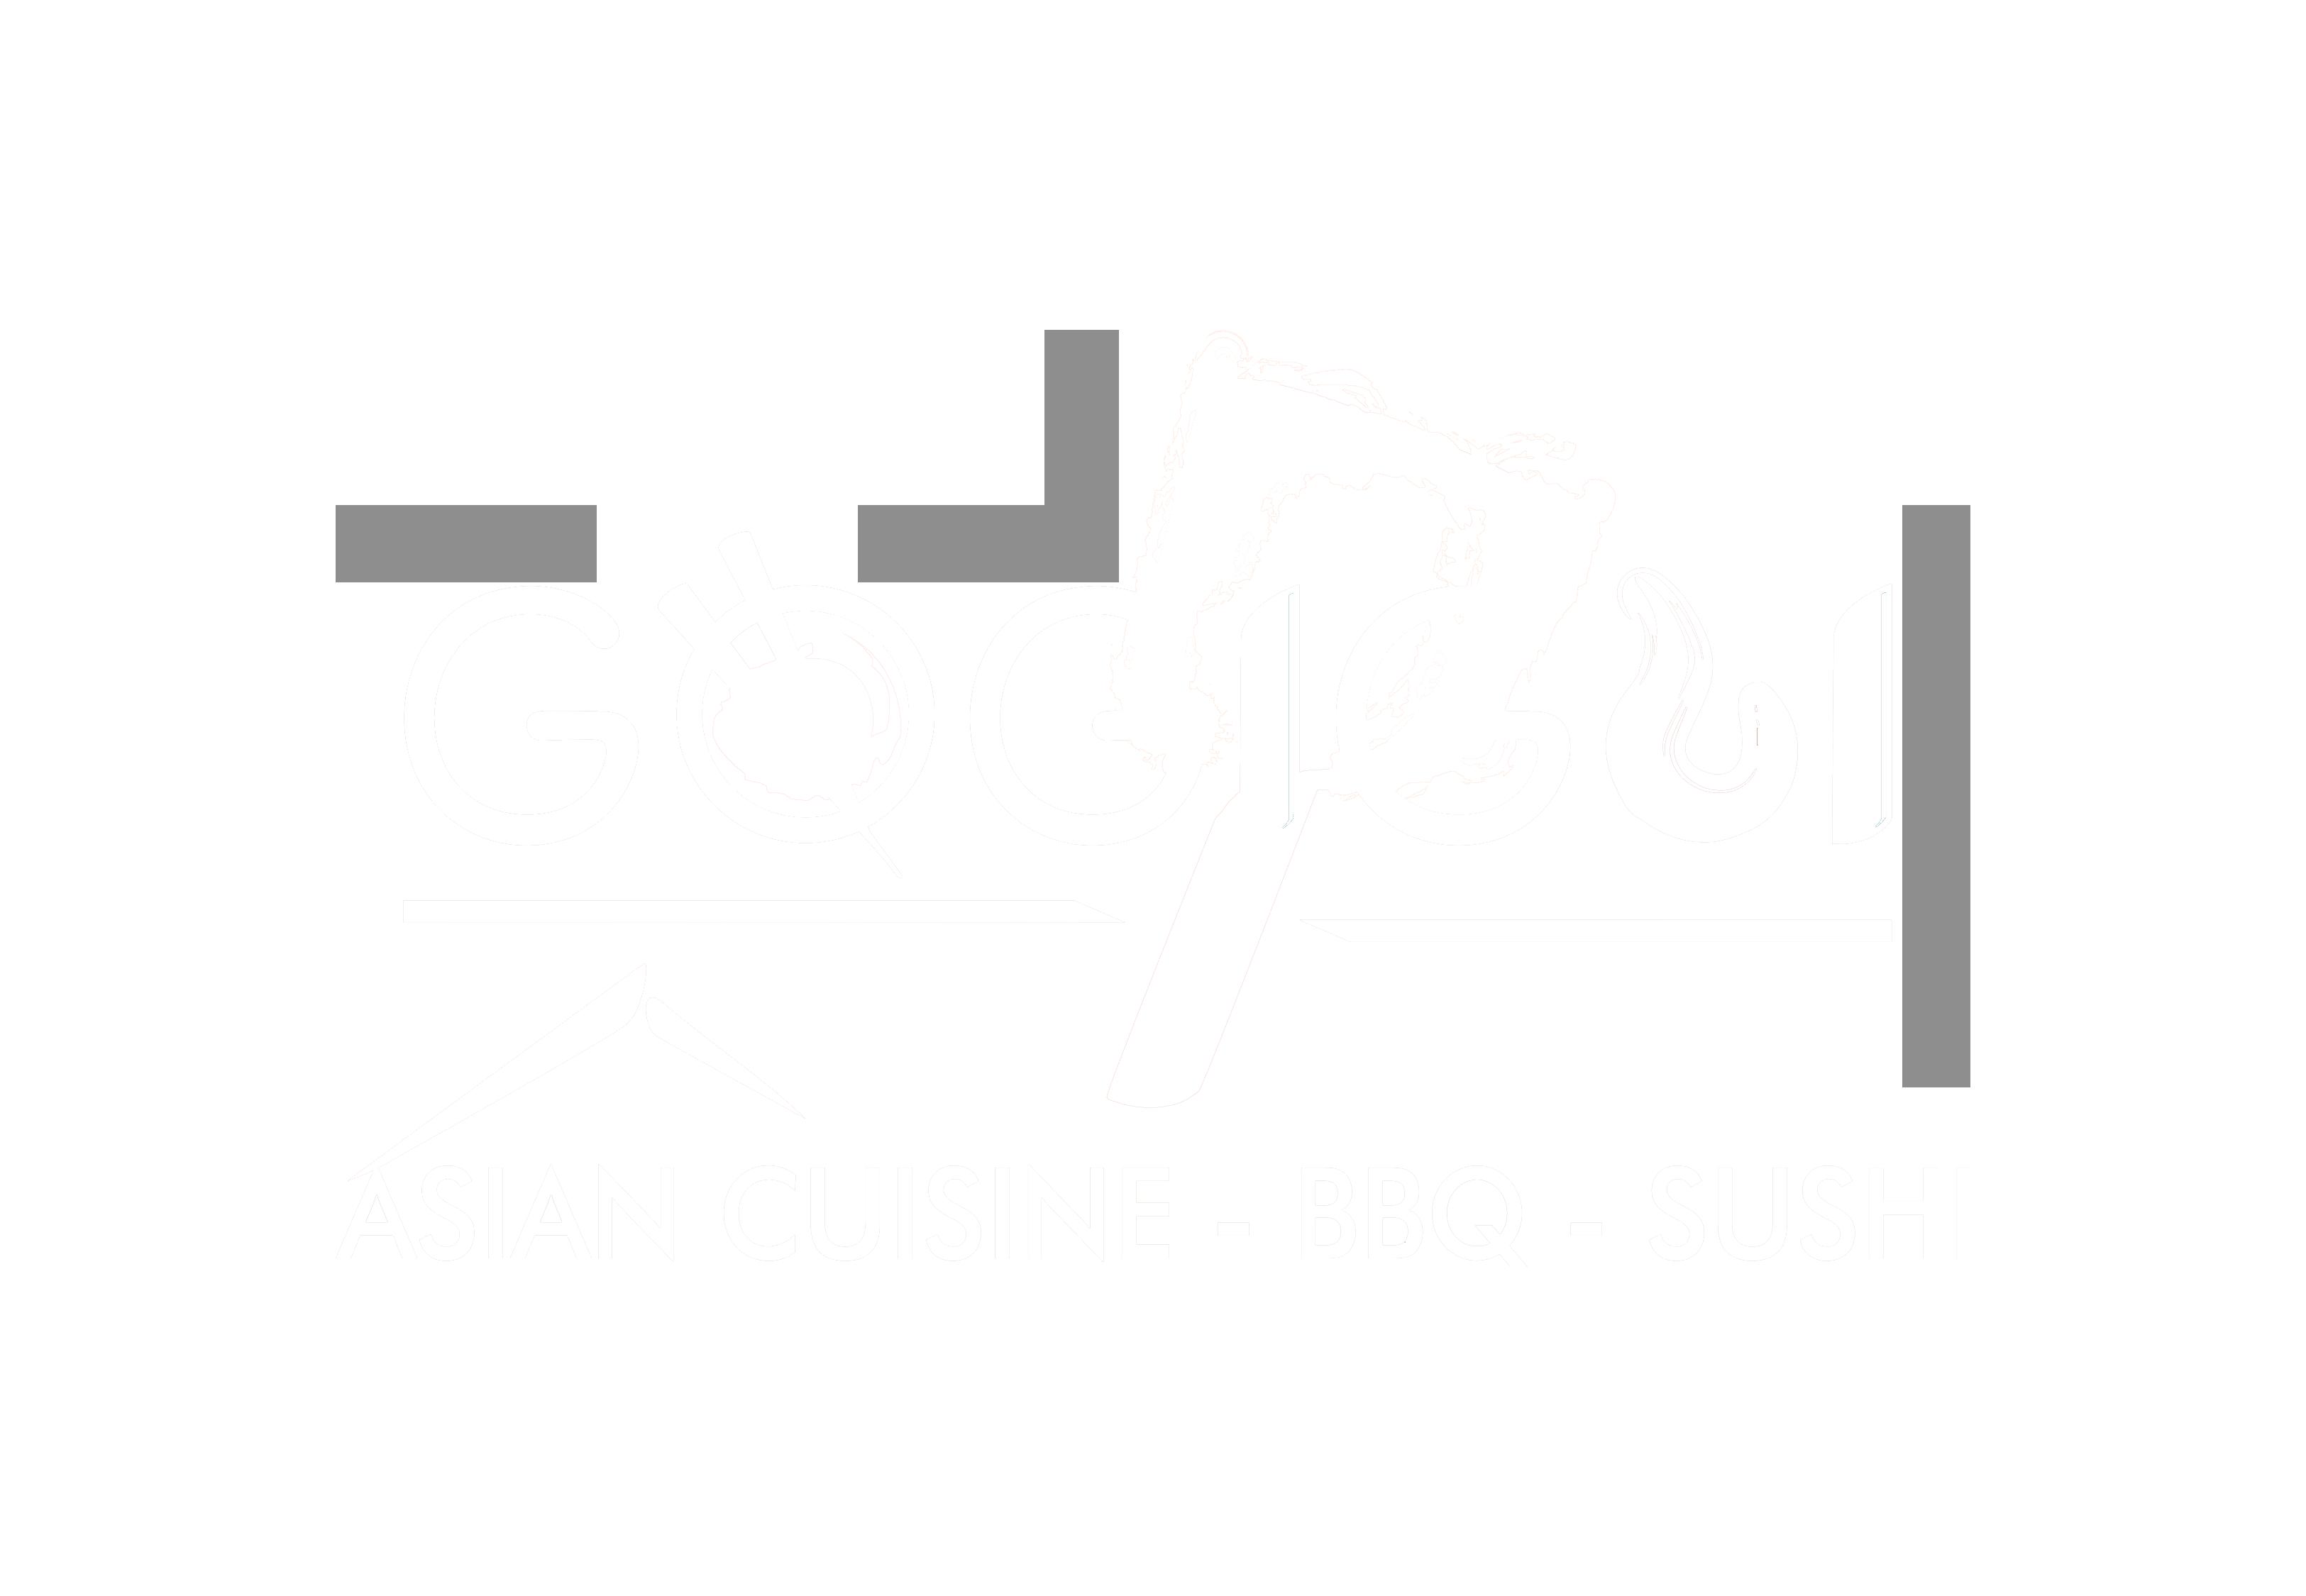 Gogi-Gui